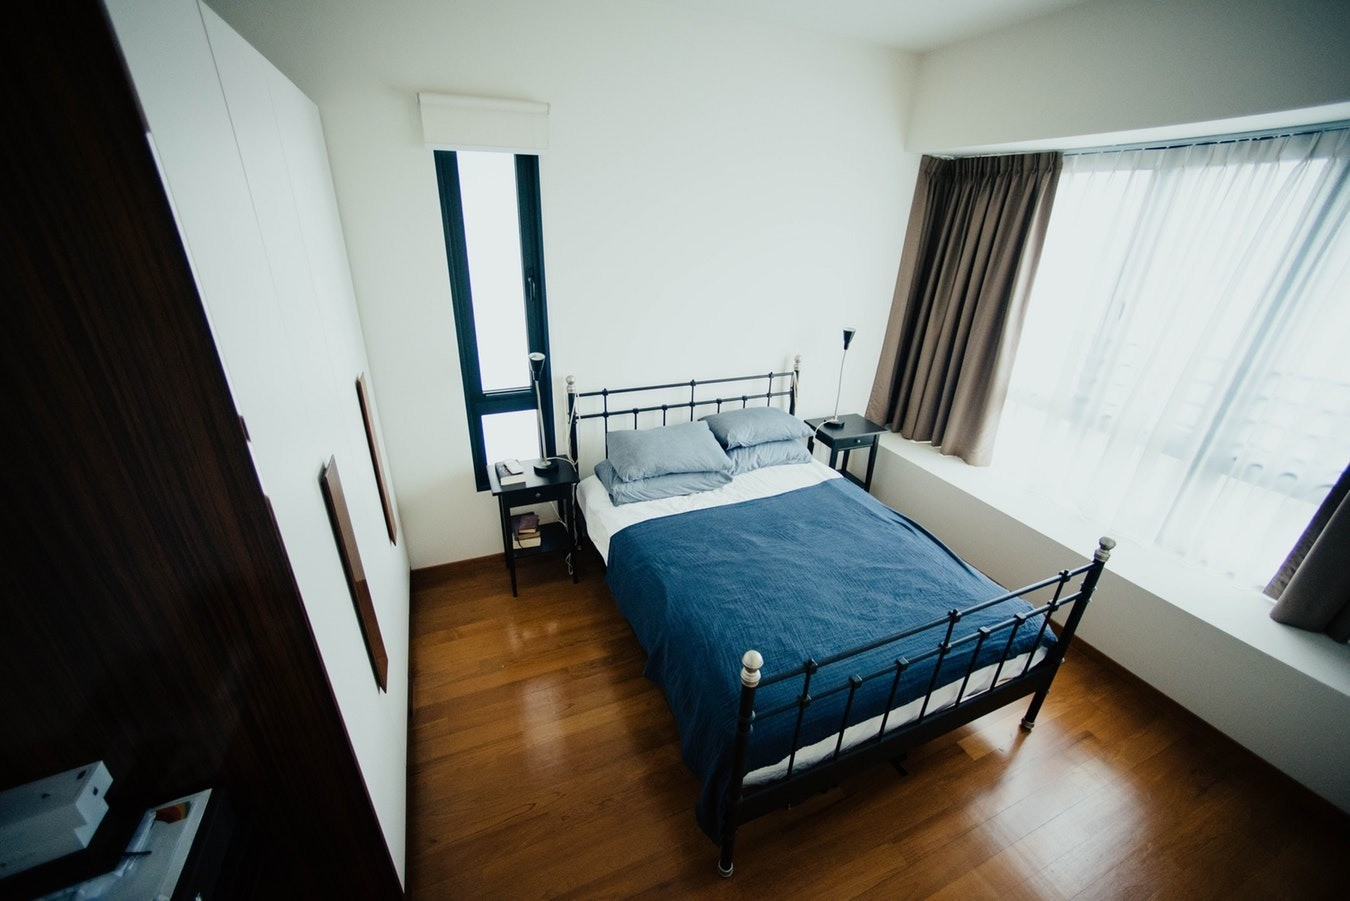 Наладить погоду в доме: как обустроить пространство так, чтобы привлечь здоровье и достаток?